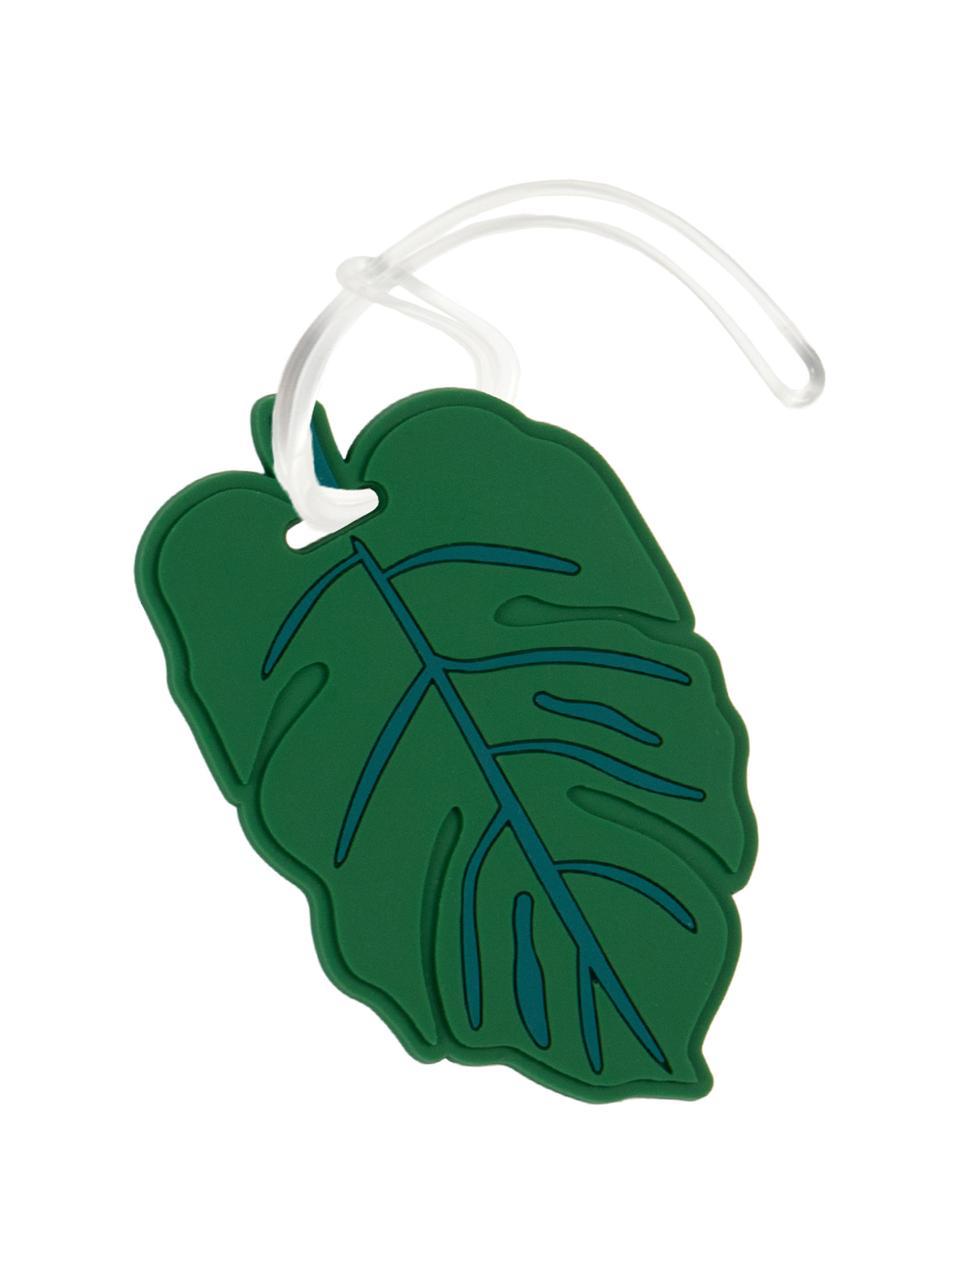 Gepäckanhänger Leaf, Kunststoff, Grün, Weiß, 10 x 6 cm